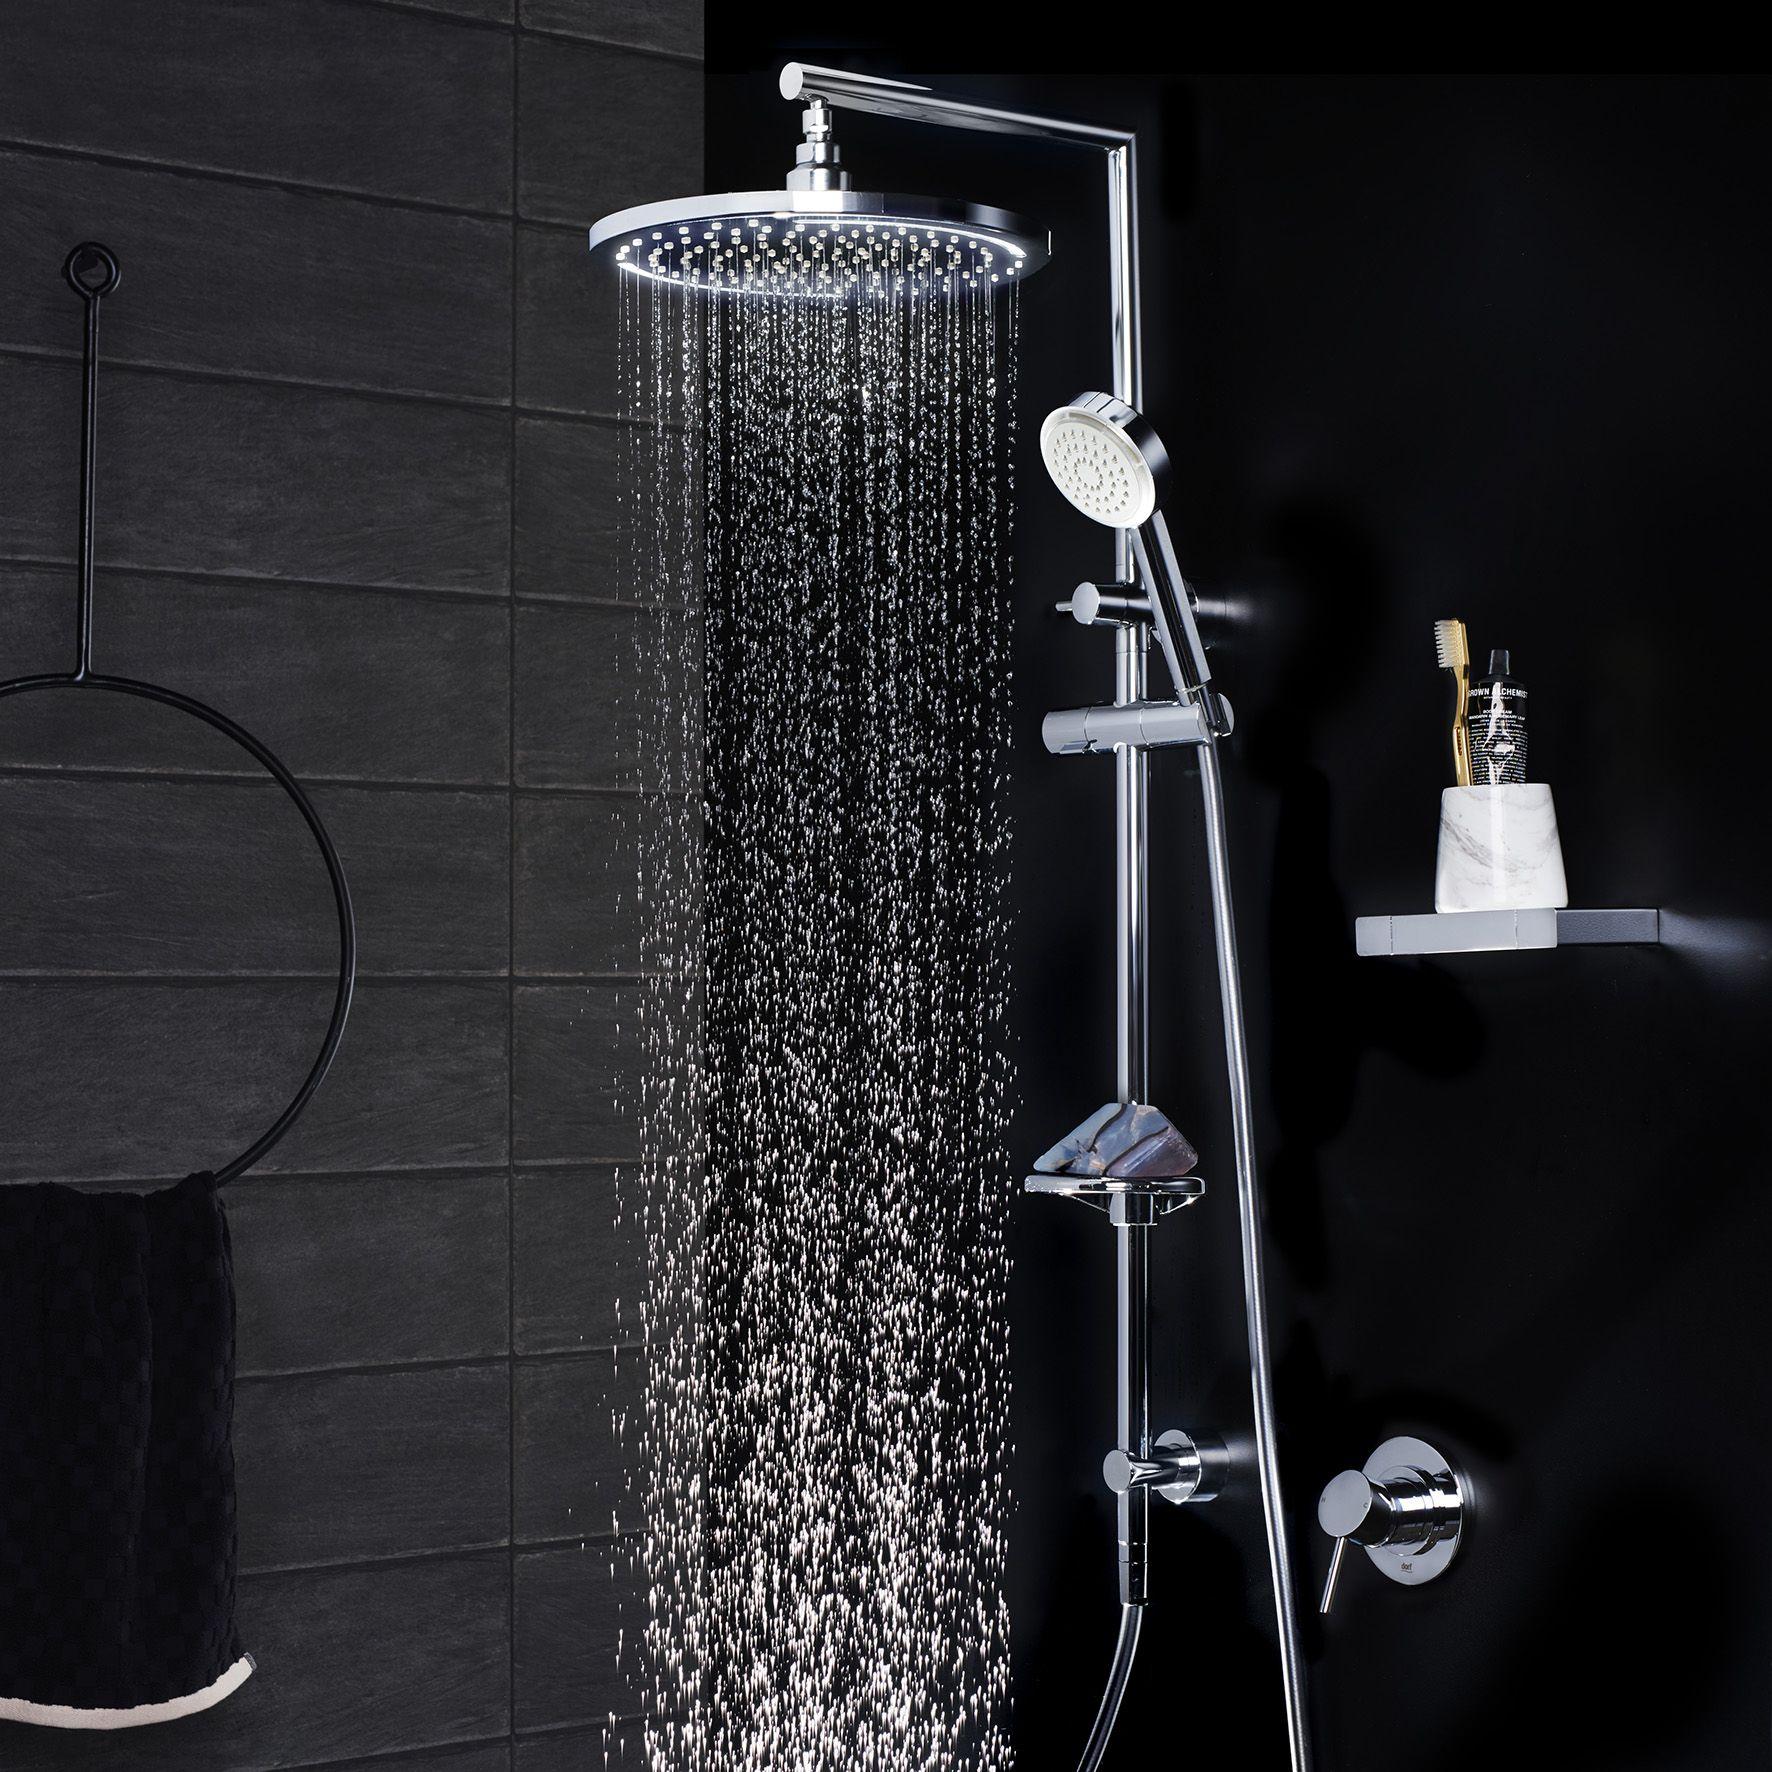 design interior overhead cdbossington head shower modern fantastic system